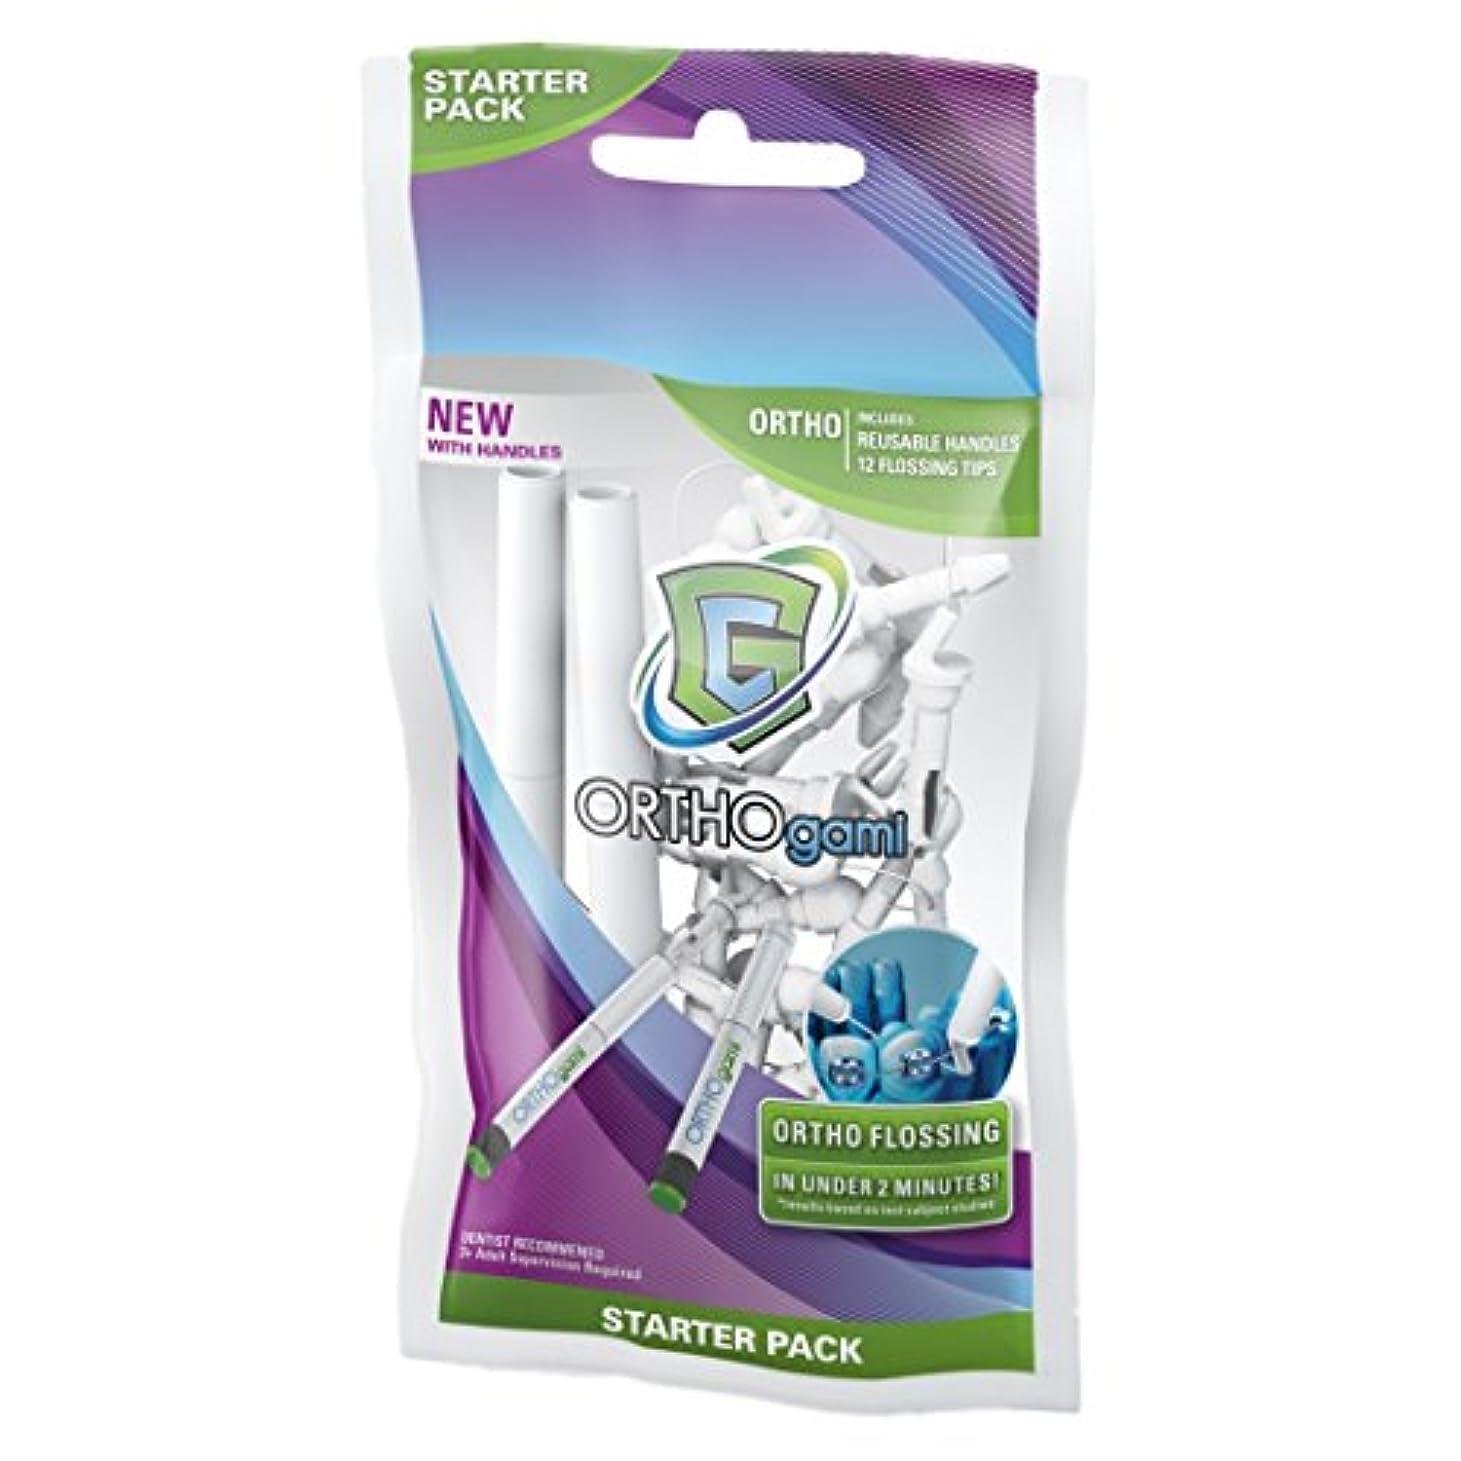 献身体系的に受粉するクロスフィールド ガムチャックス矯正 スターターパック(ハンドル×1、リフィル×12セット) × 1個 フロス/歯間清掃